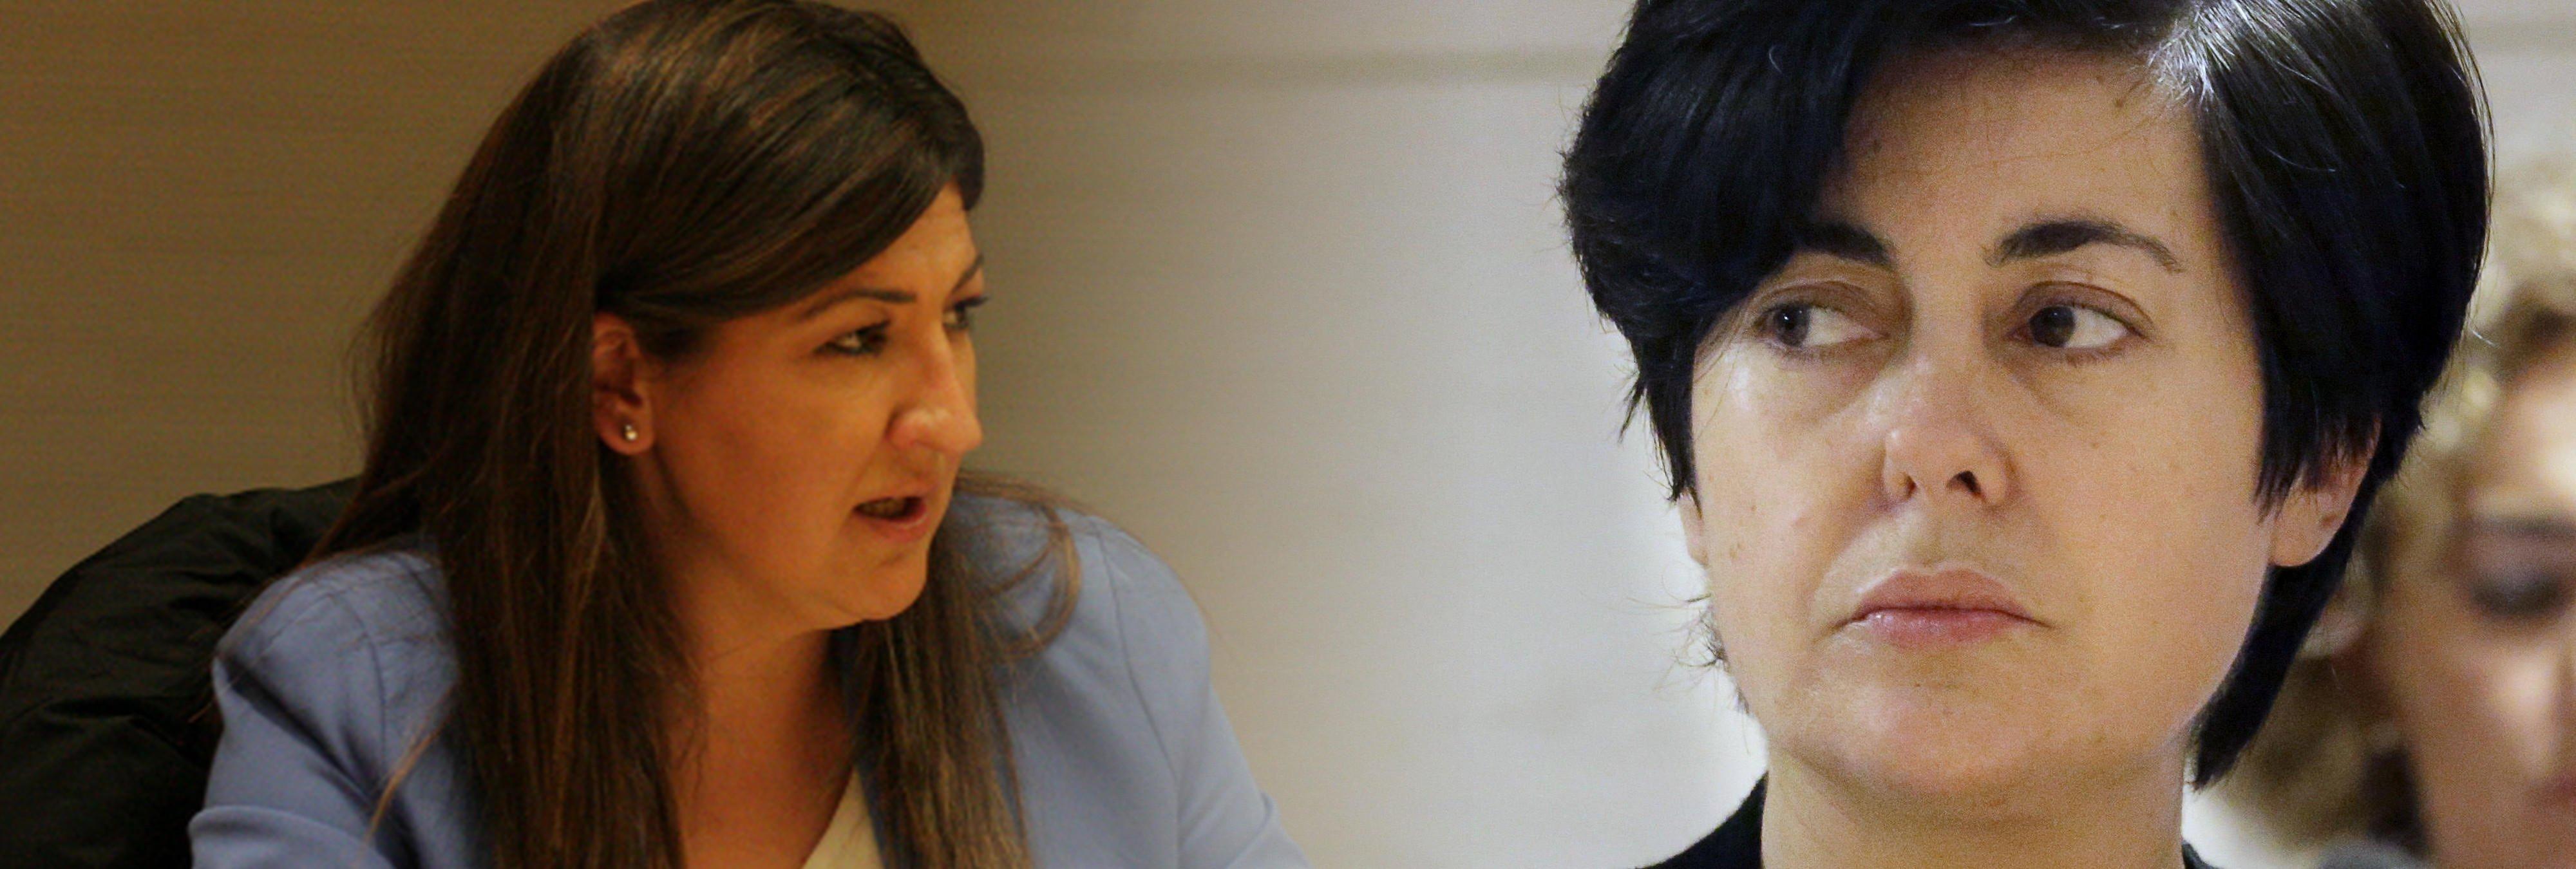 Cruz Morcillo, autora del libro 'El crimen de Asunta': 'El caso se convirtió en una obsesión en mi vida'